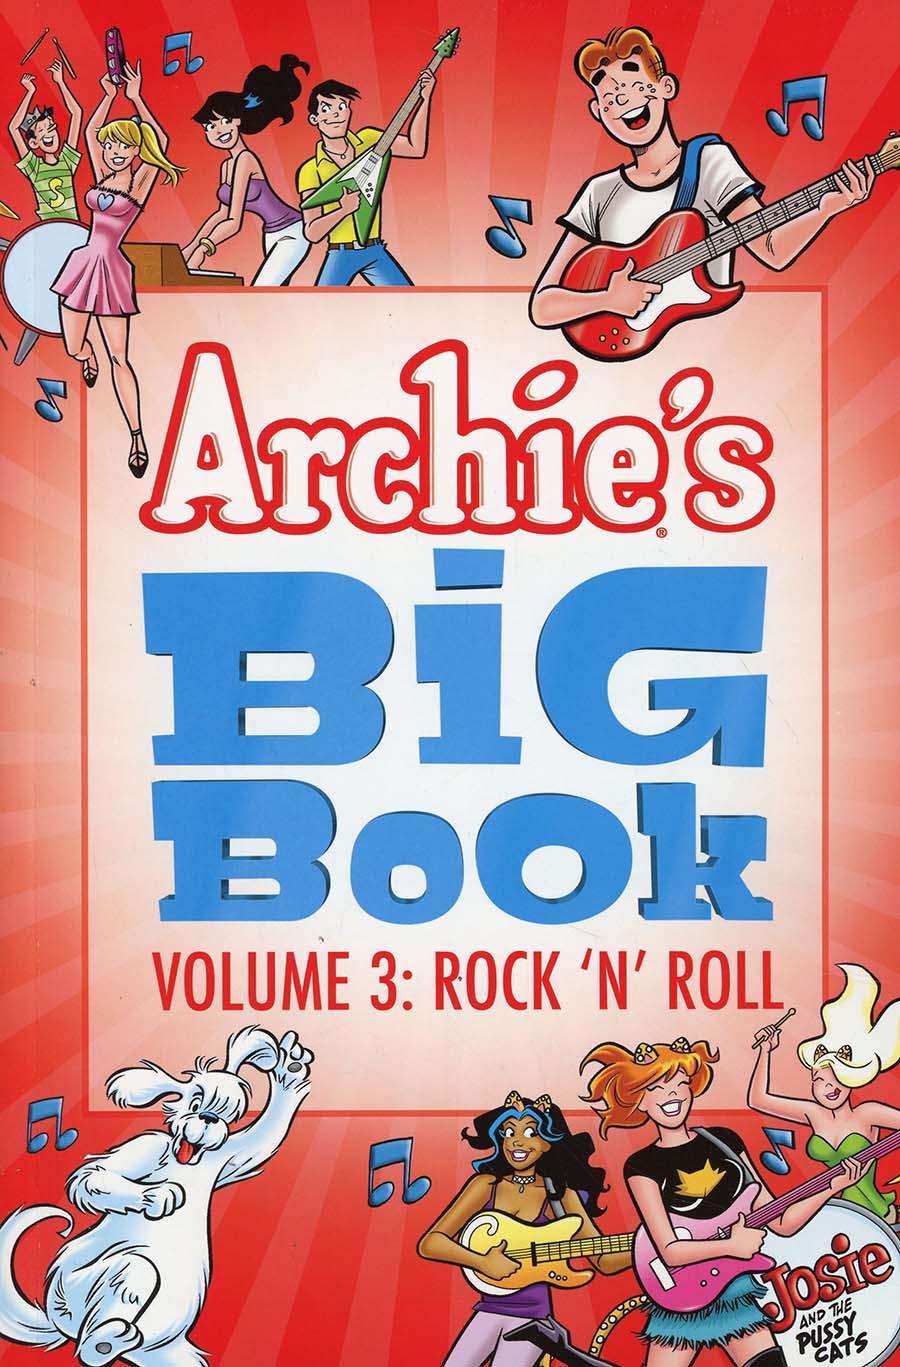 Archies Big Book Vol 3 Rock N Roll TP